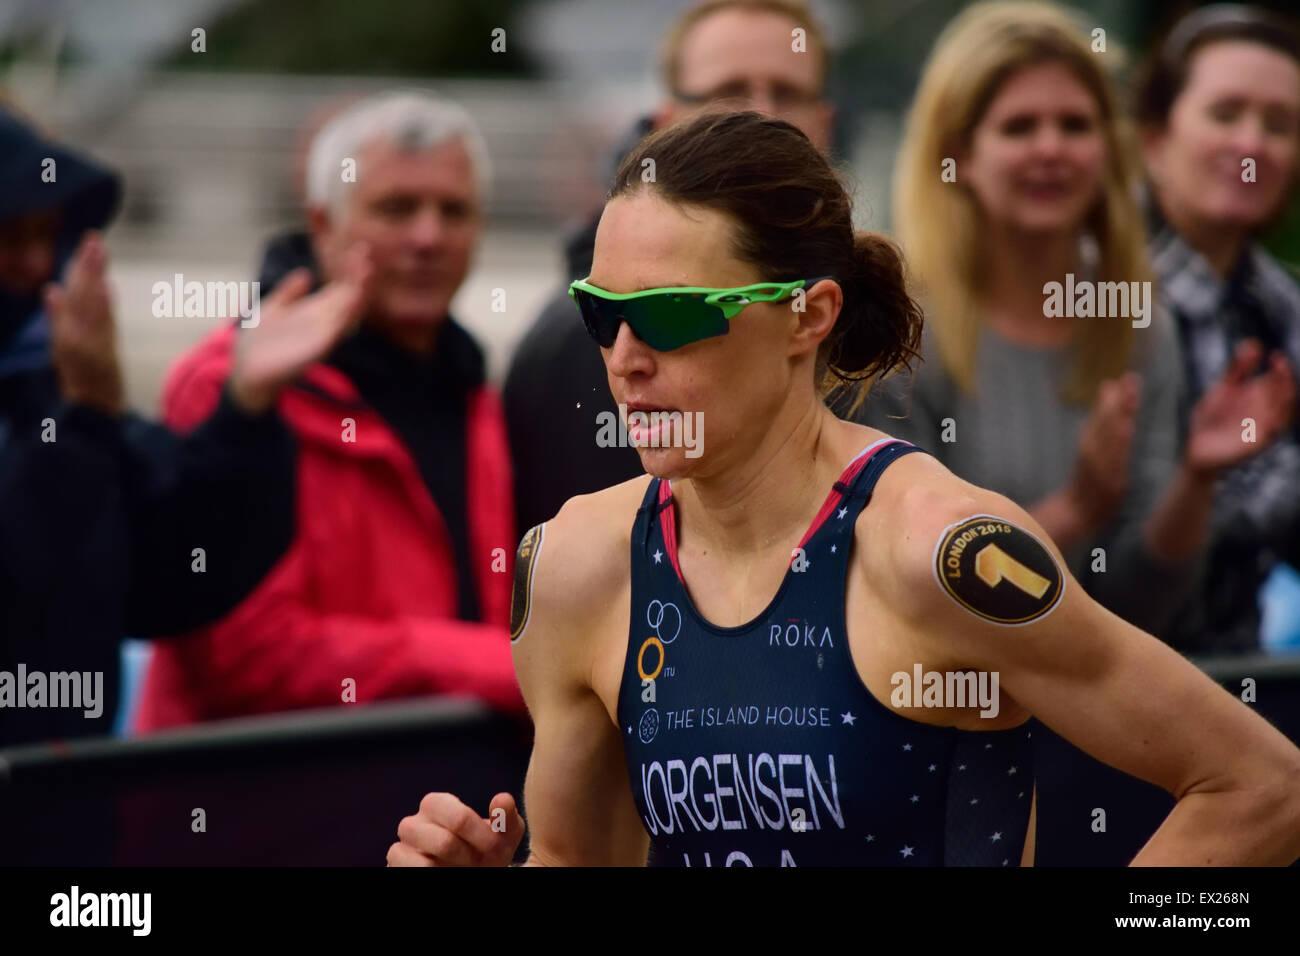 Gwen Jorgensen running in a triathlon - Stock Image